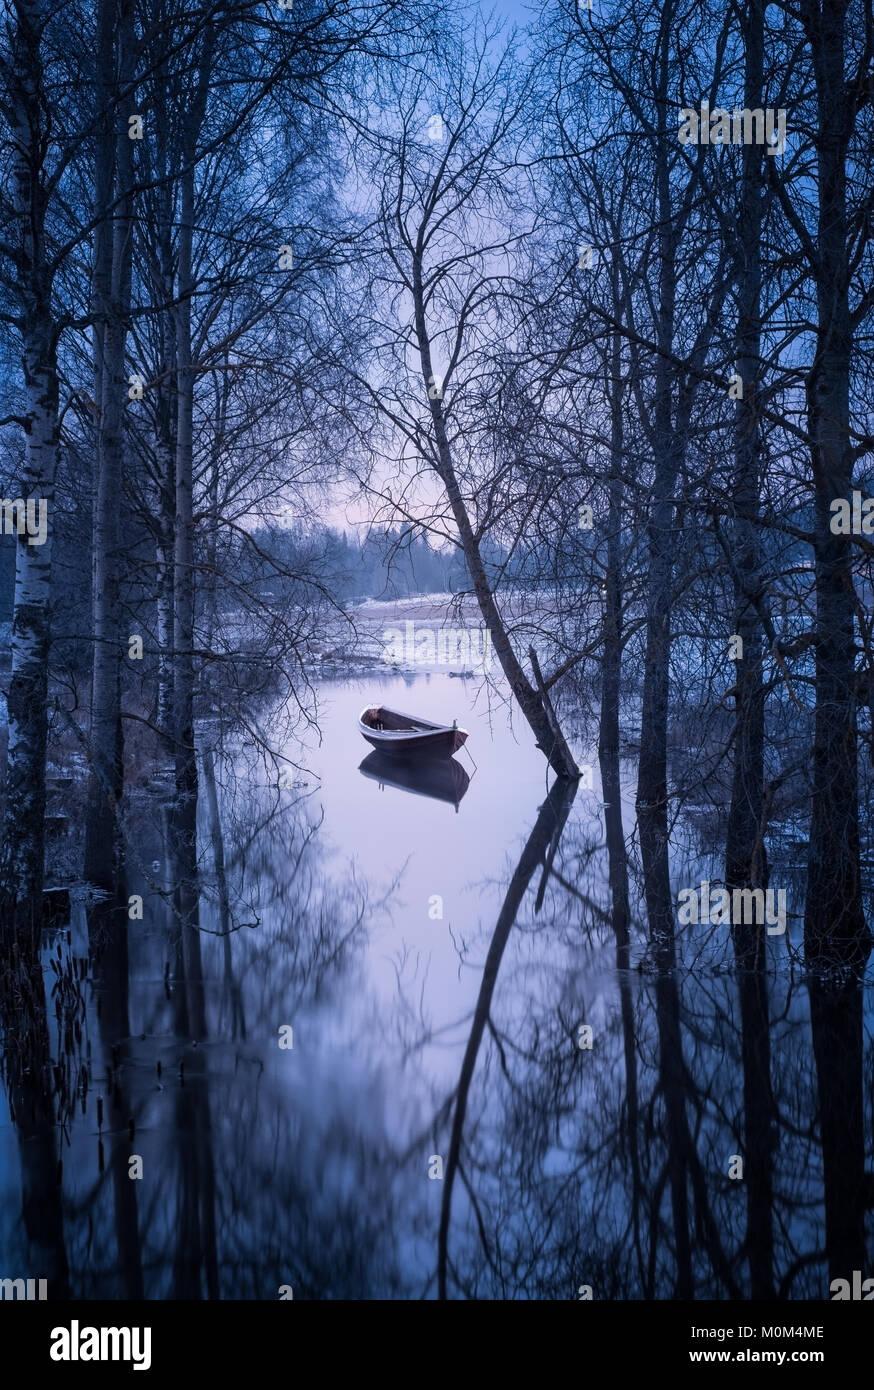 Paesaggio invernale con il tramonto e la barca a sera in Finlandia Immagini Stock